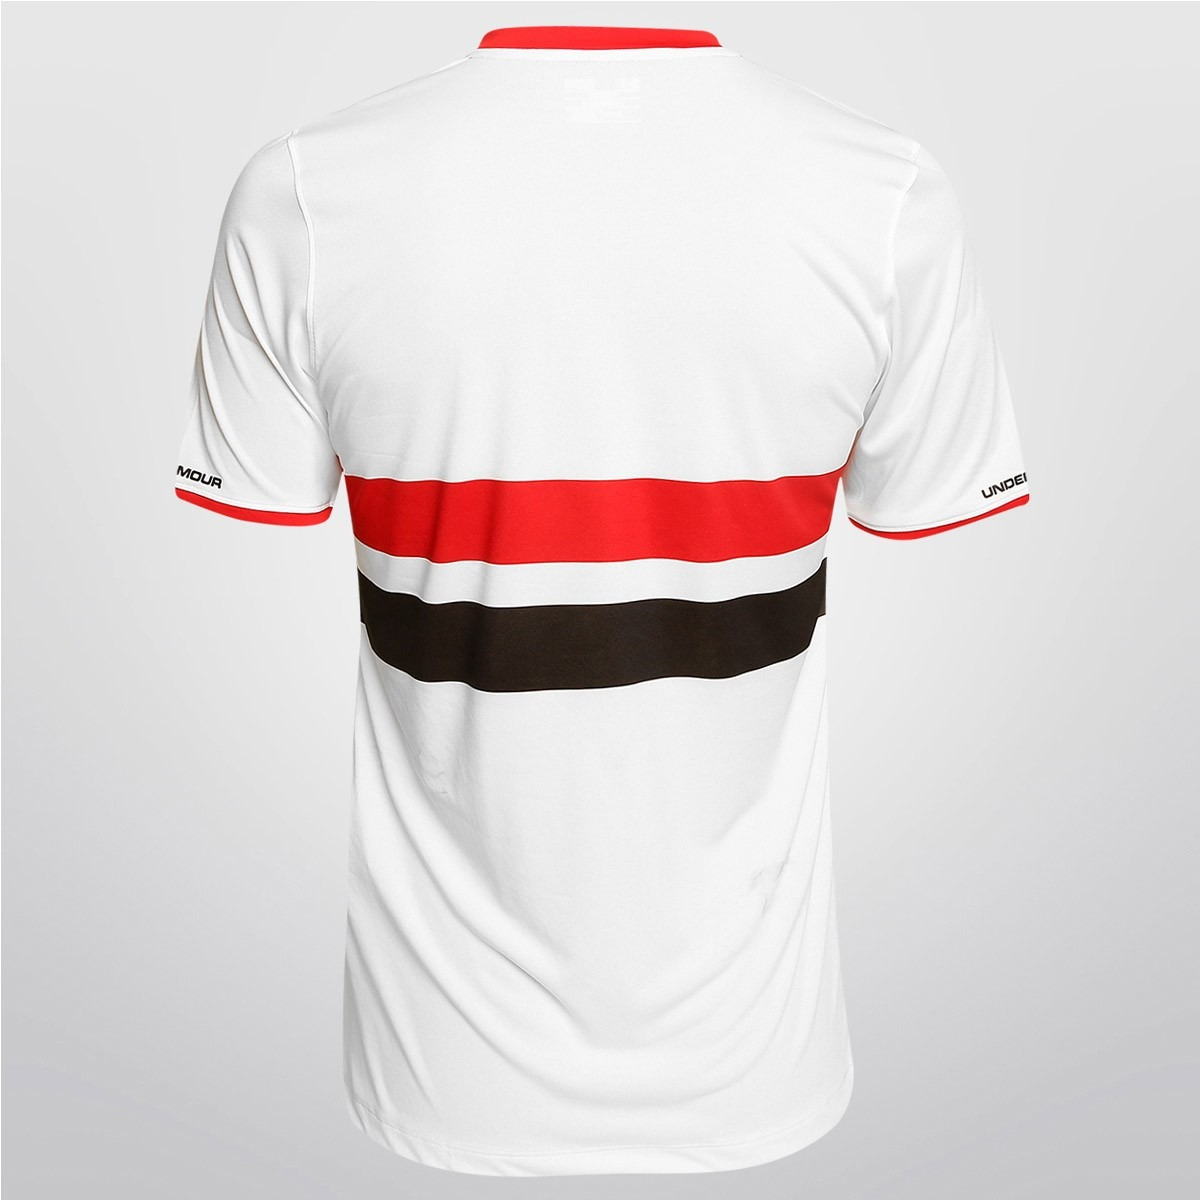 kit camisa são paulo under armour 1+ mochila oficial orig+nf. Carregando  zoom. 9e5f045f8df24